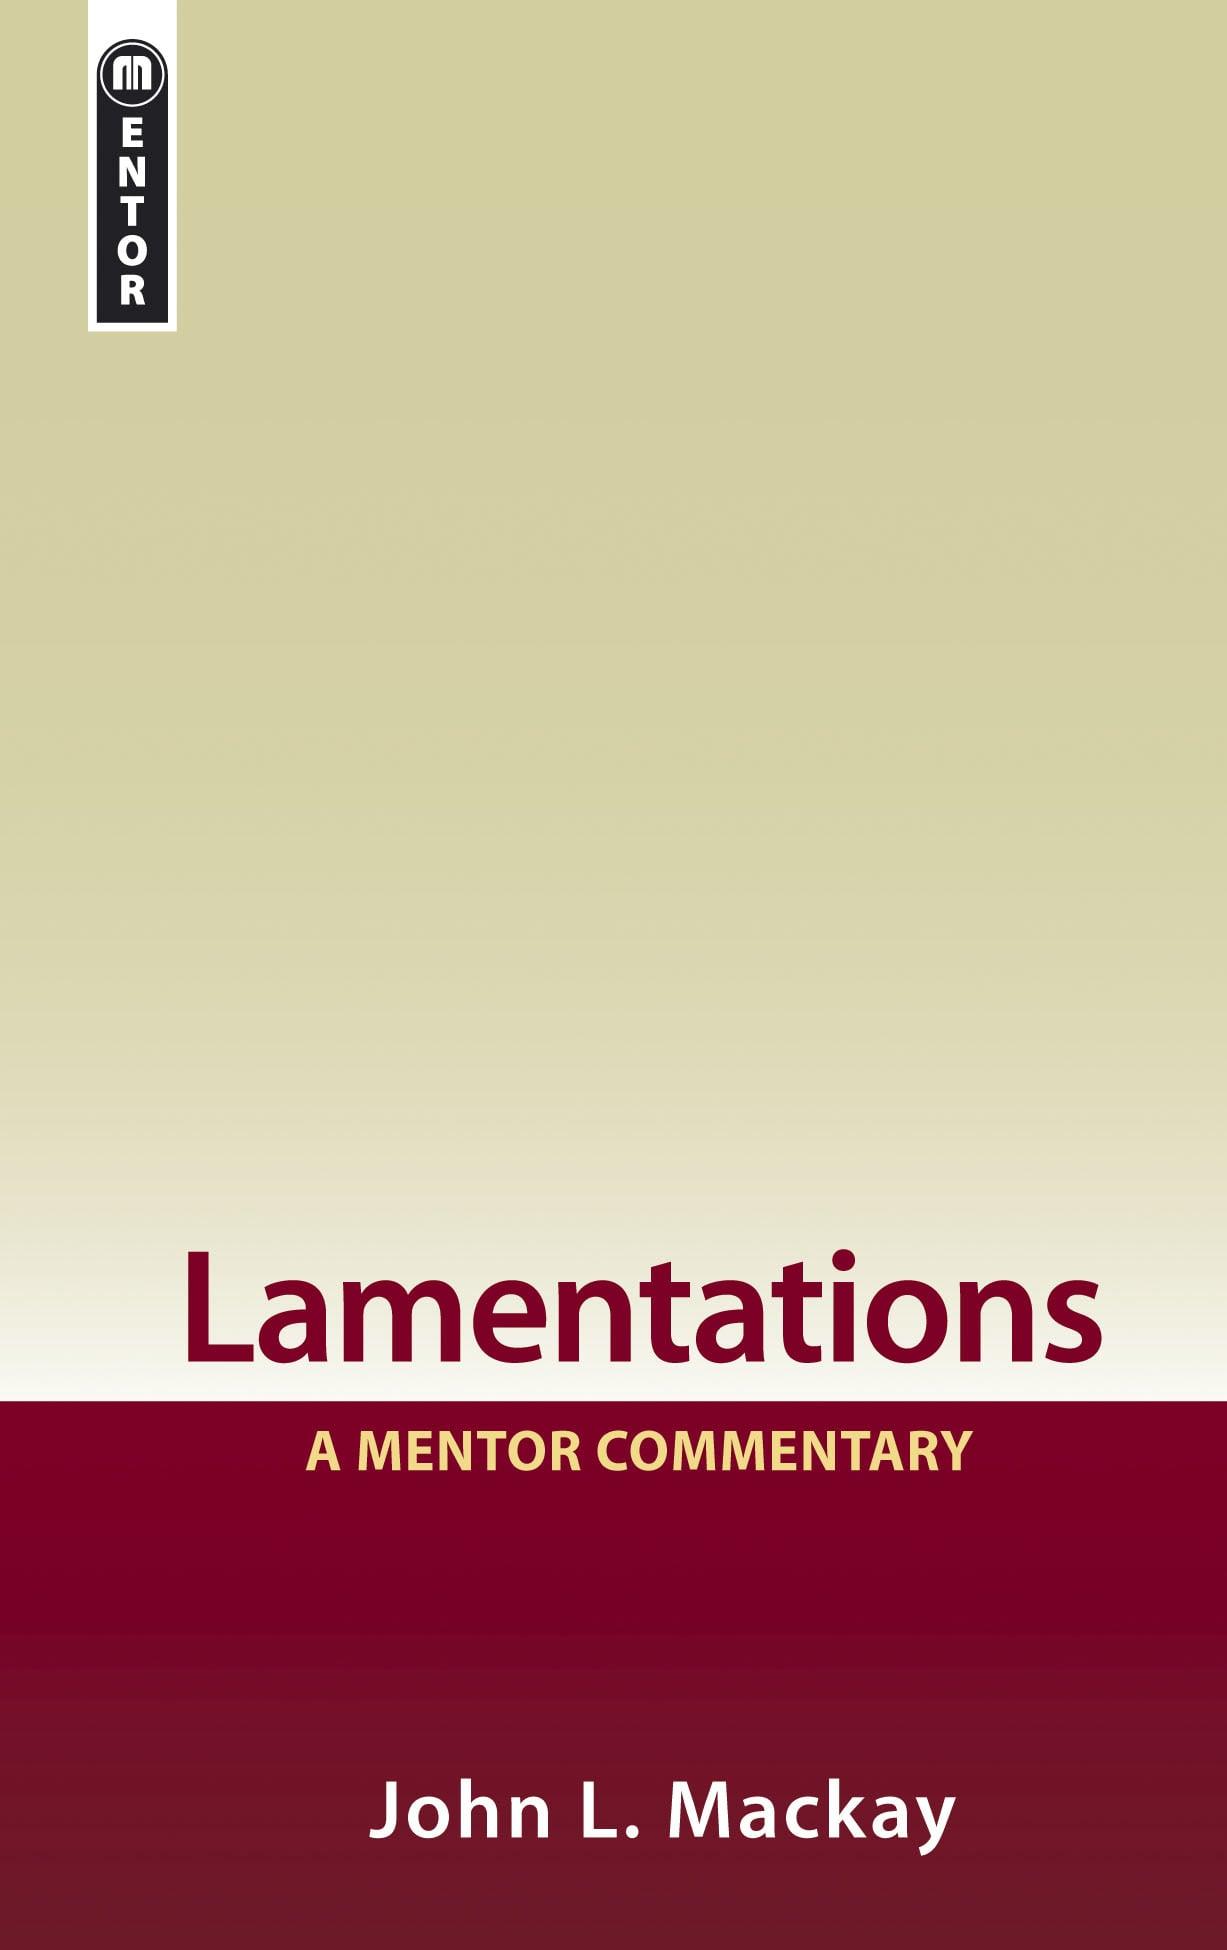 Mackay_Lamentations.jpg